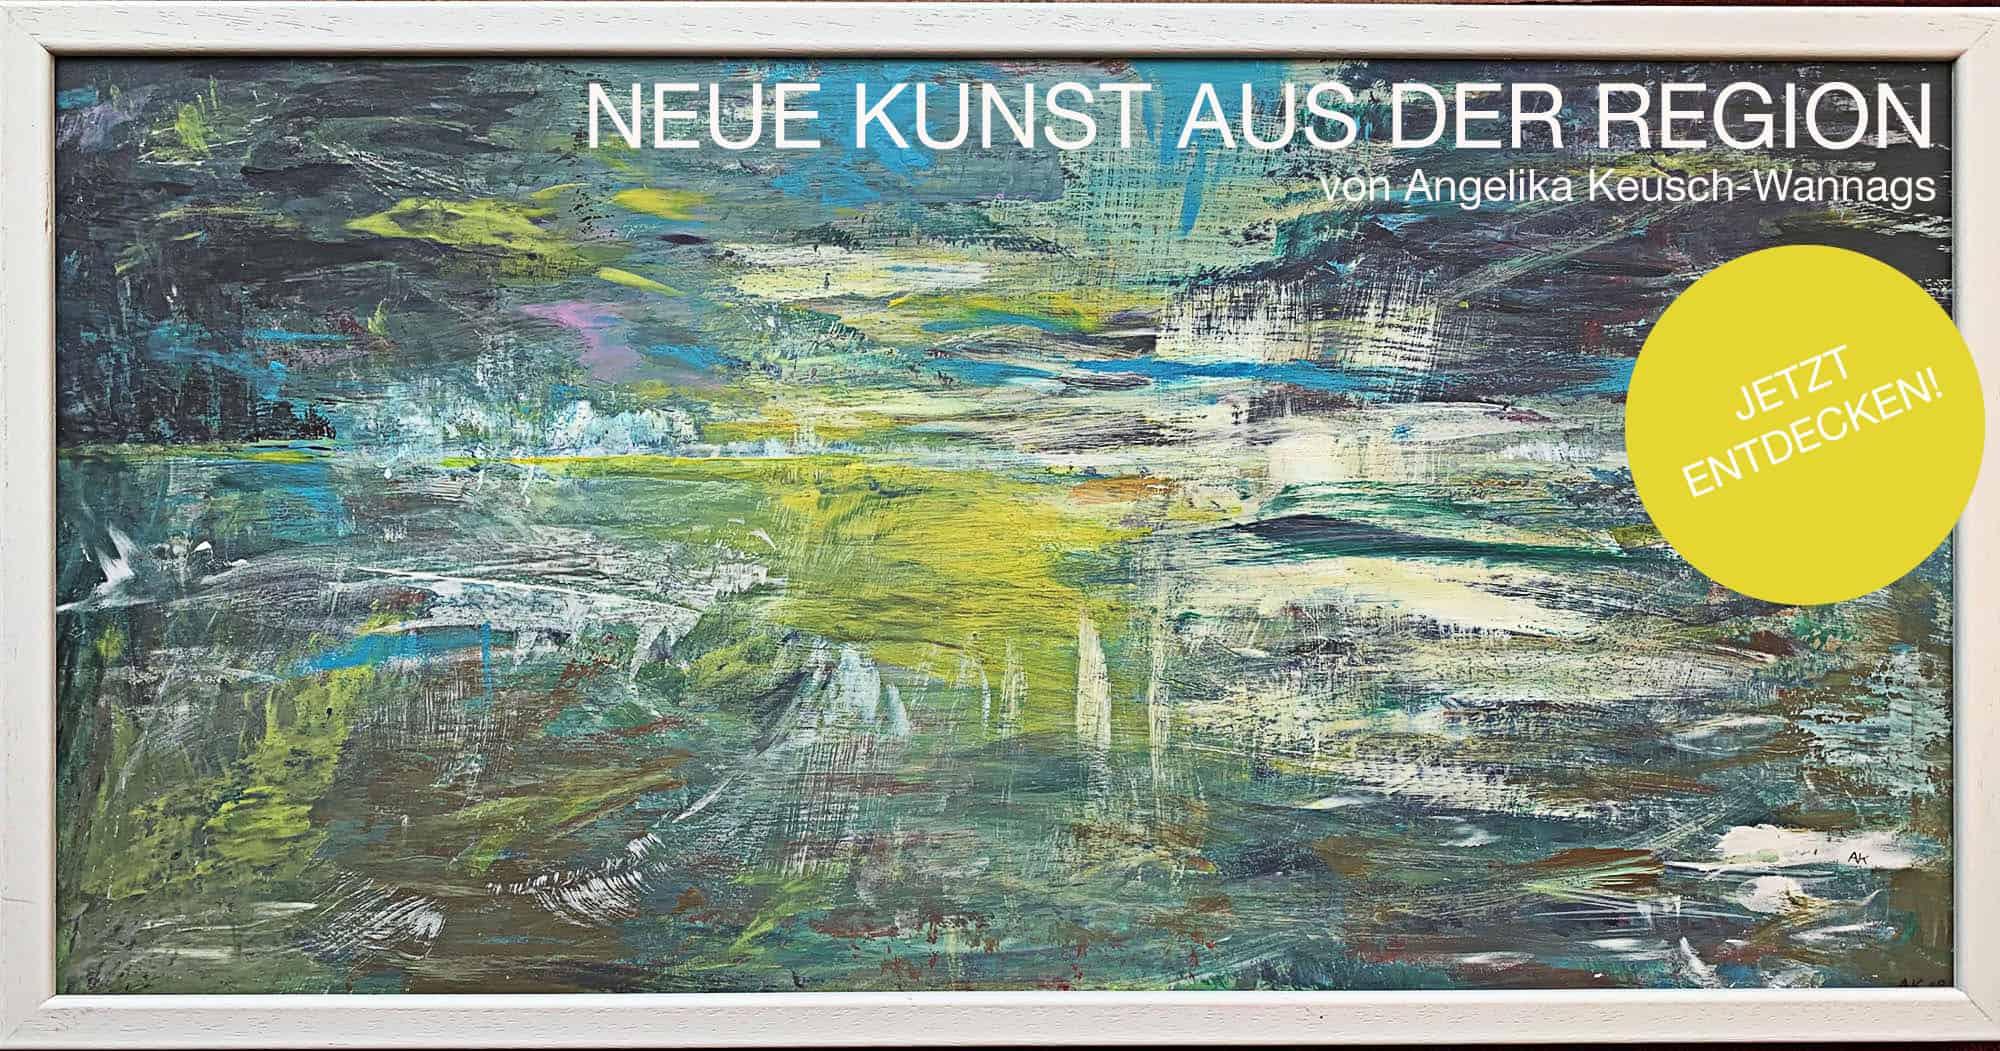 Neue Kunst aus der Nordheide - Angelika Keusch-Wannags